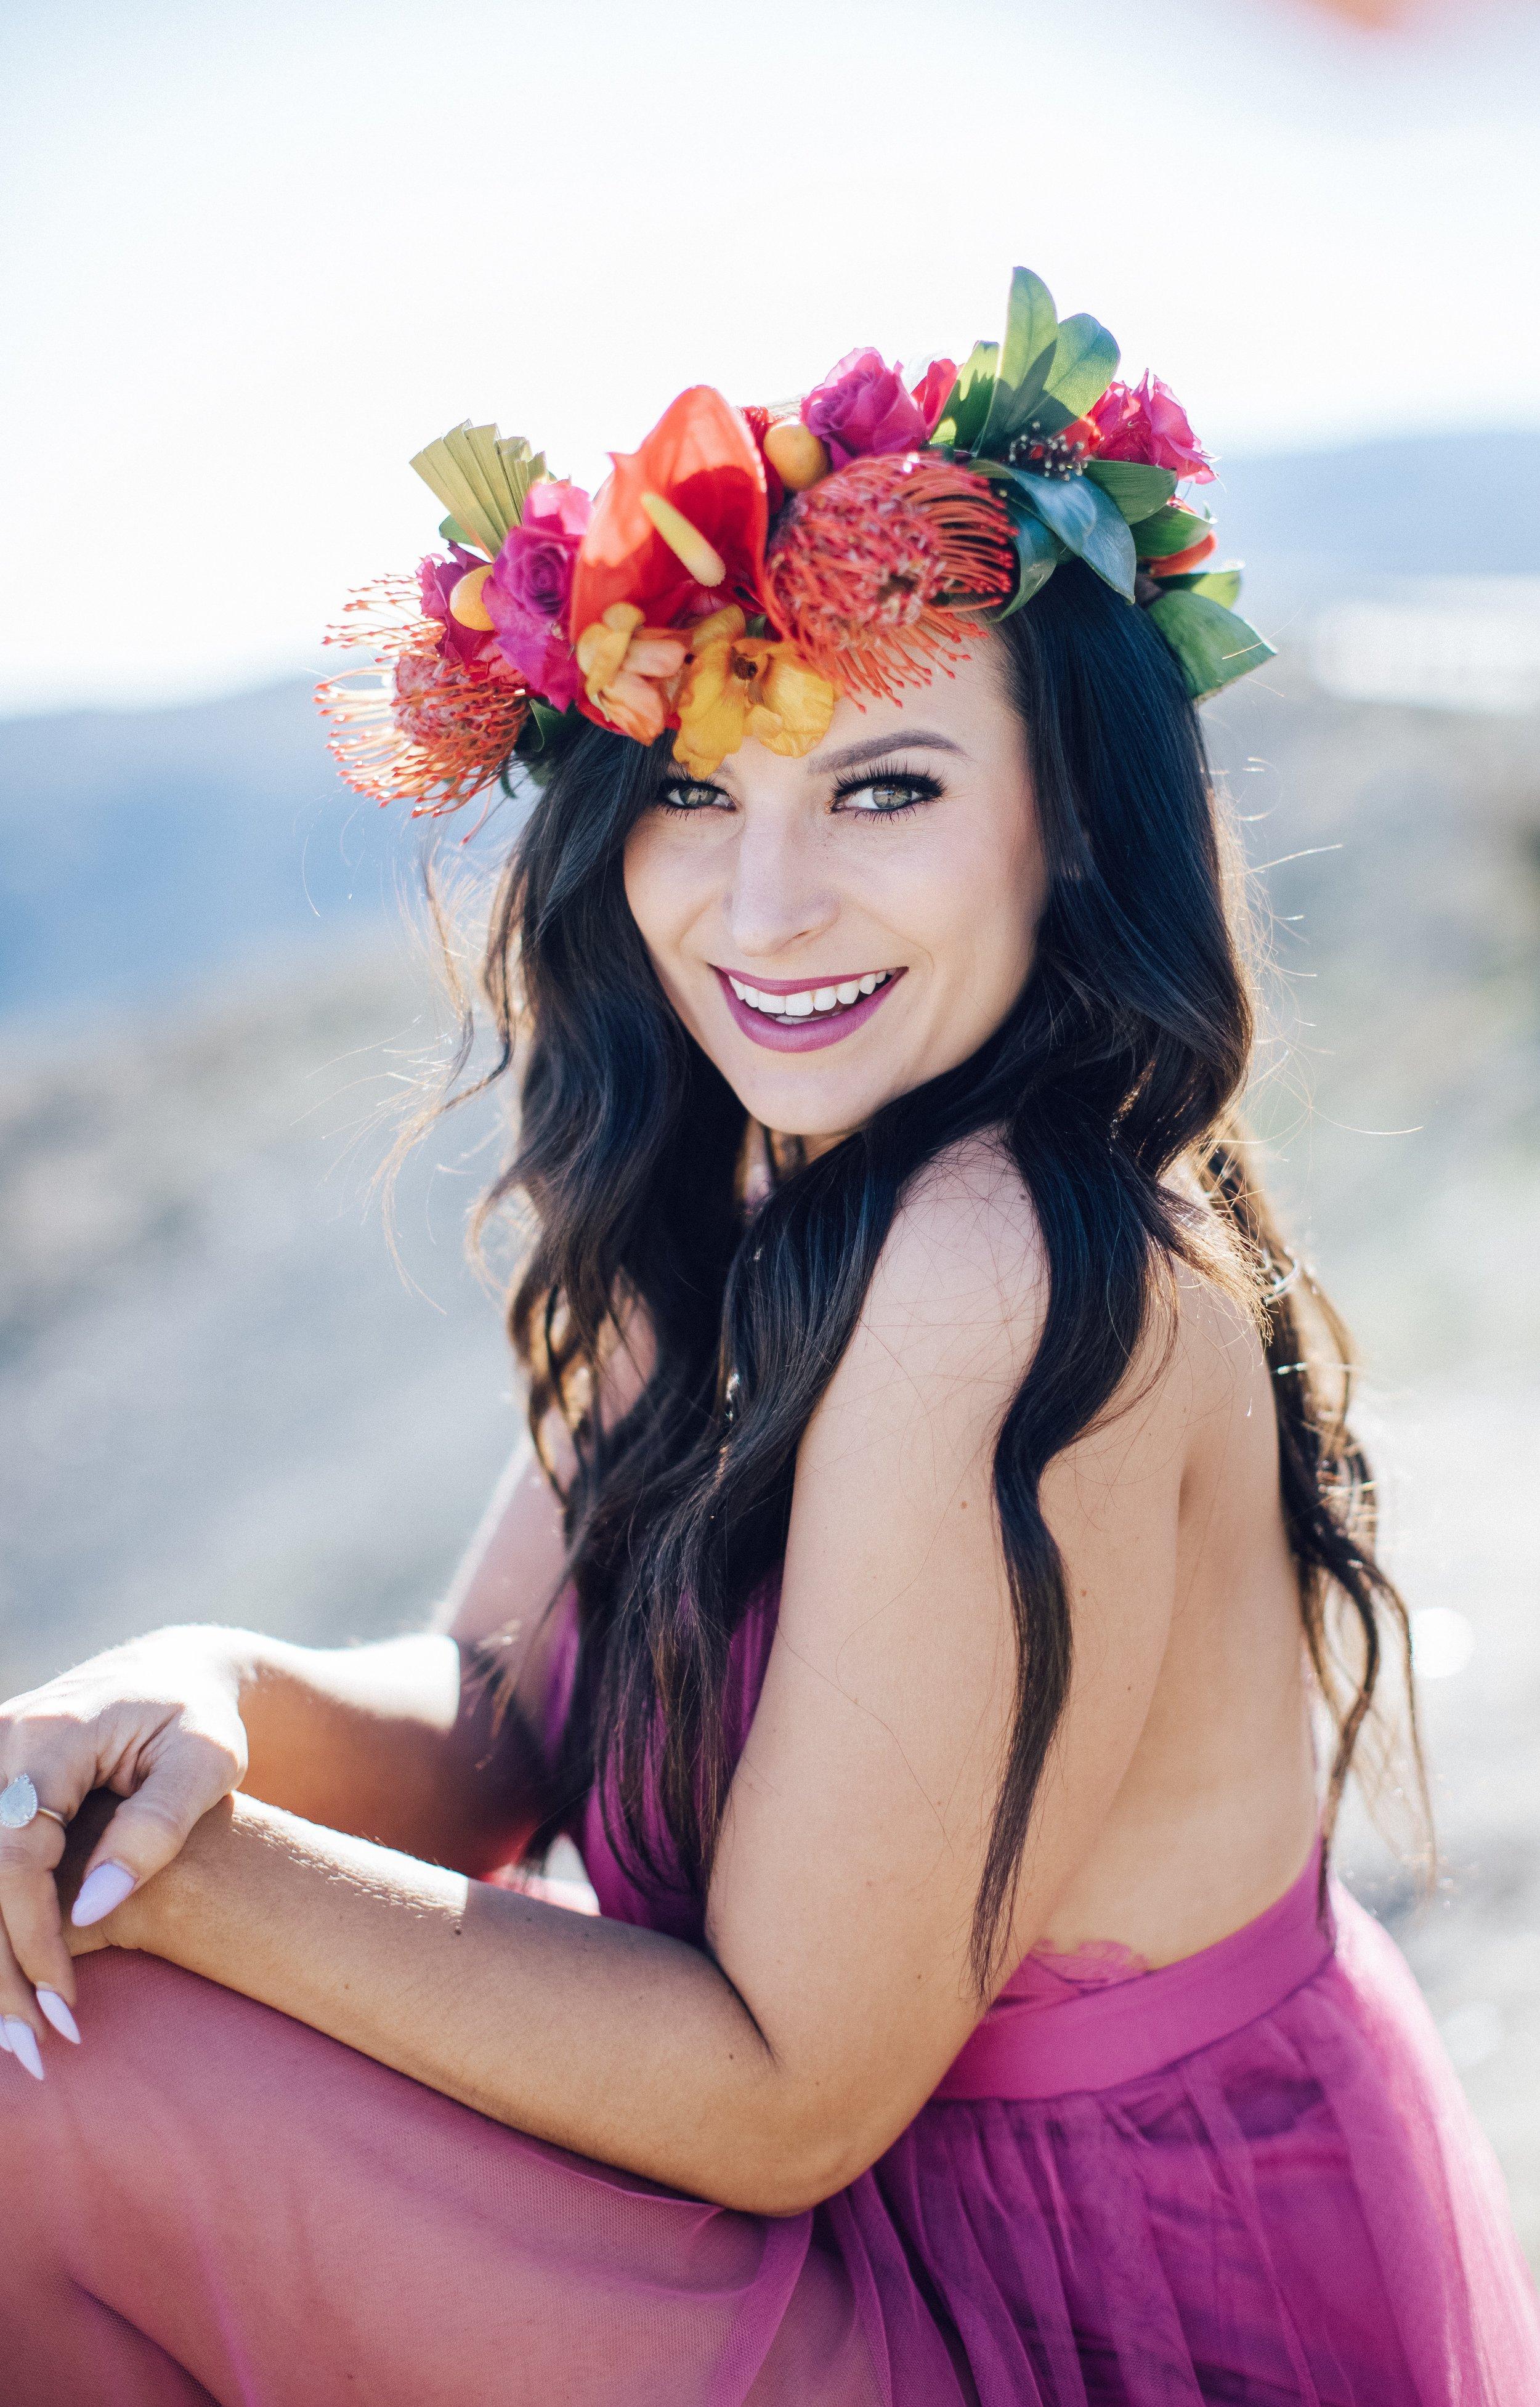 Brianna_Broyles_Floral_Crown_Unedited-88.JPG